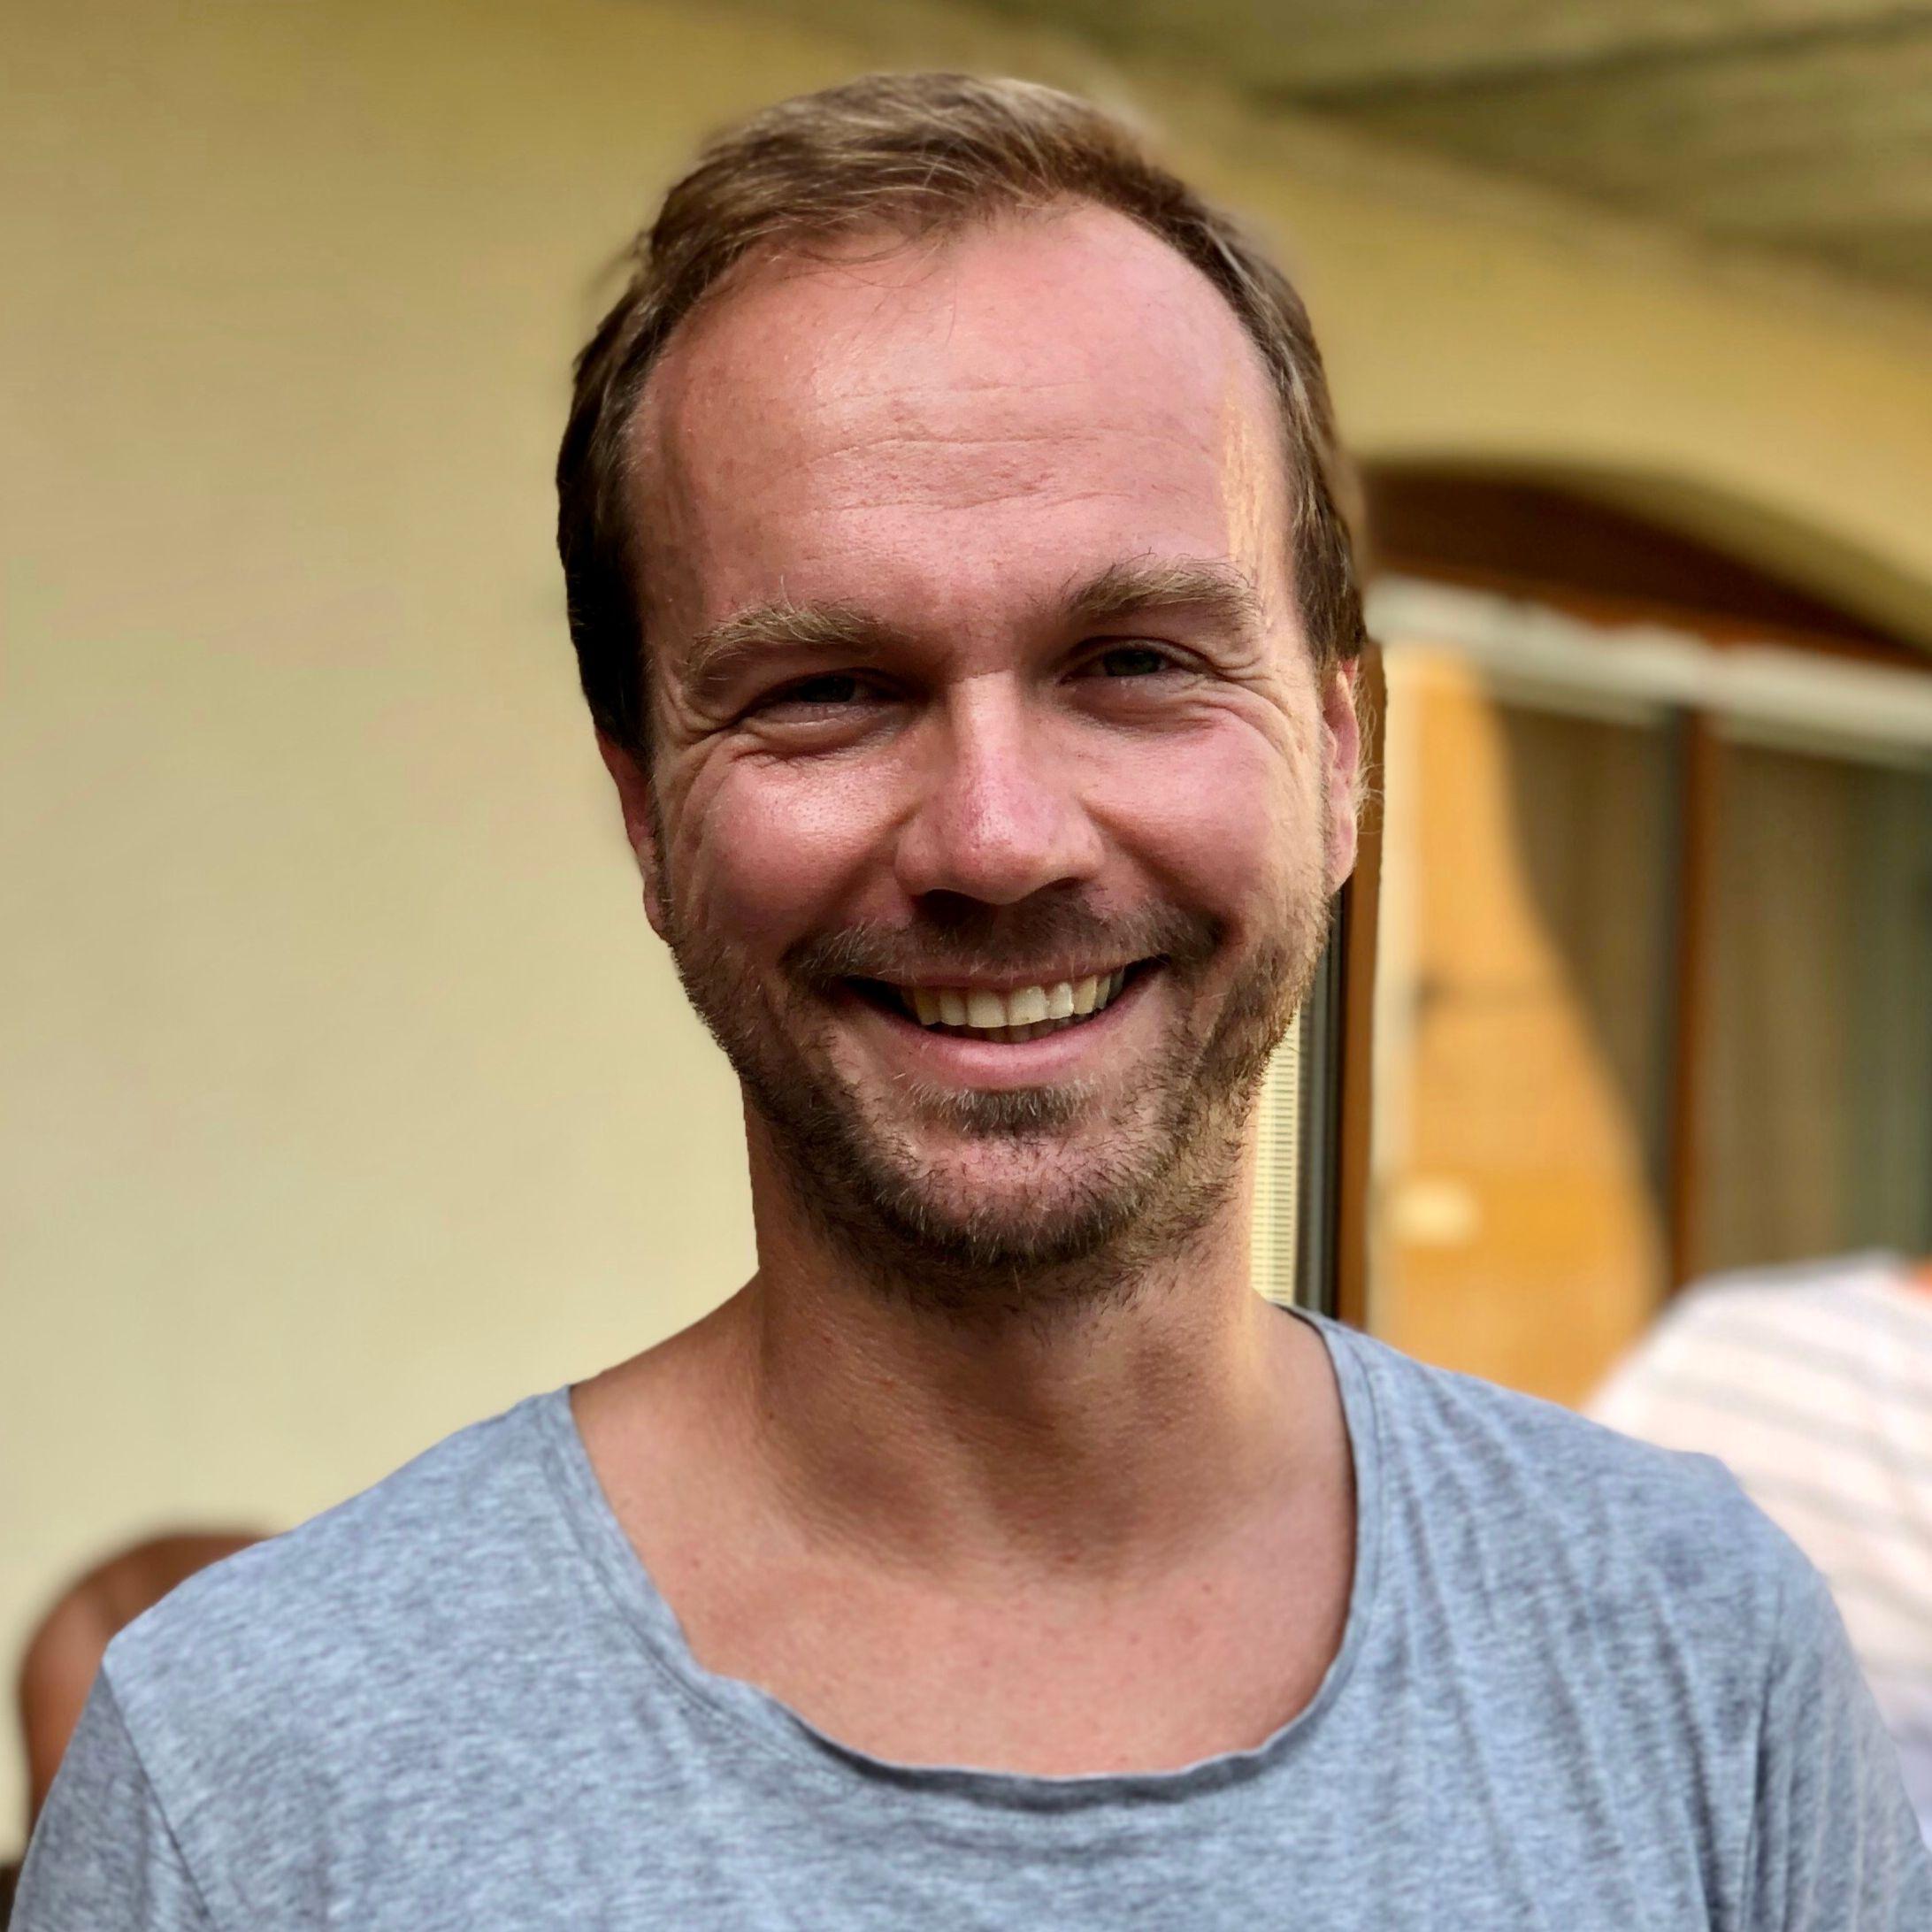 146. Podcast Mužom.sk: Michal Petričko - manžel, otec, priateľ